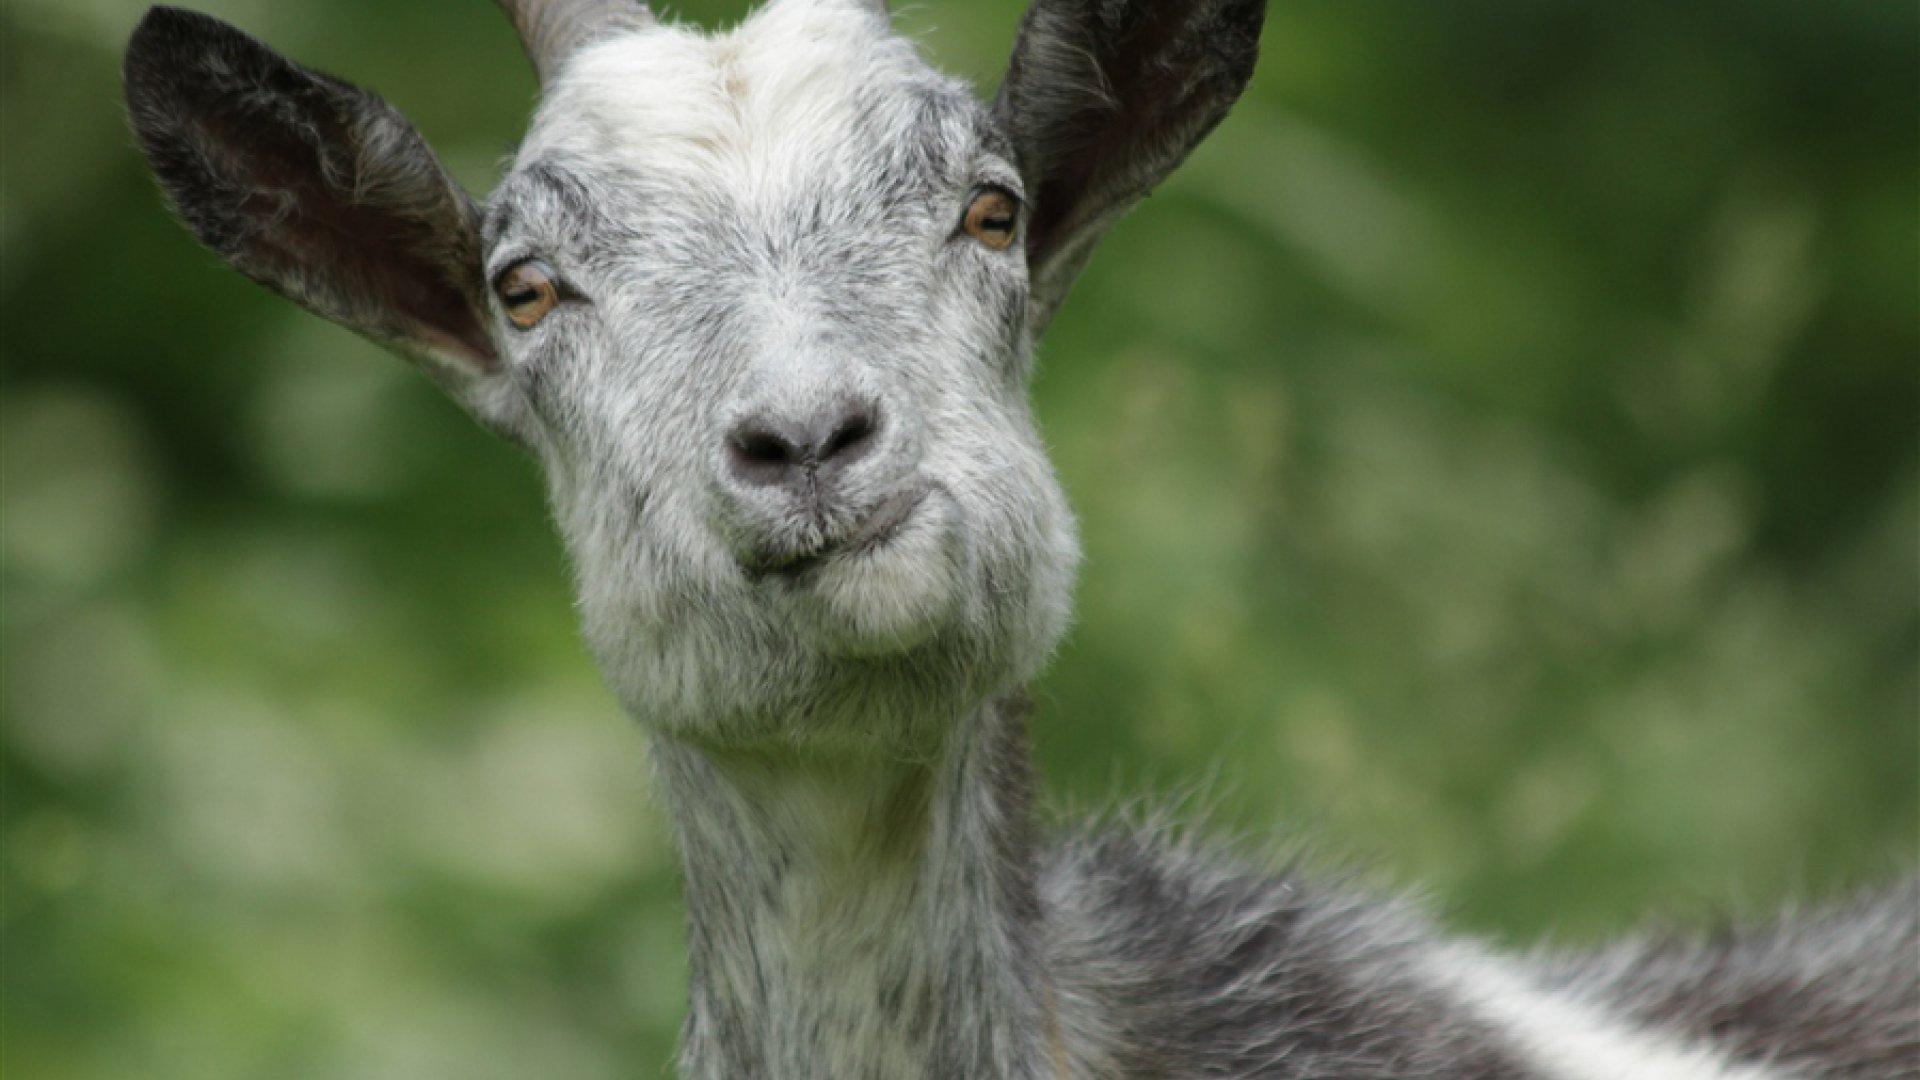 ржачный козел картинки видов природе